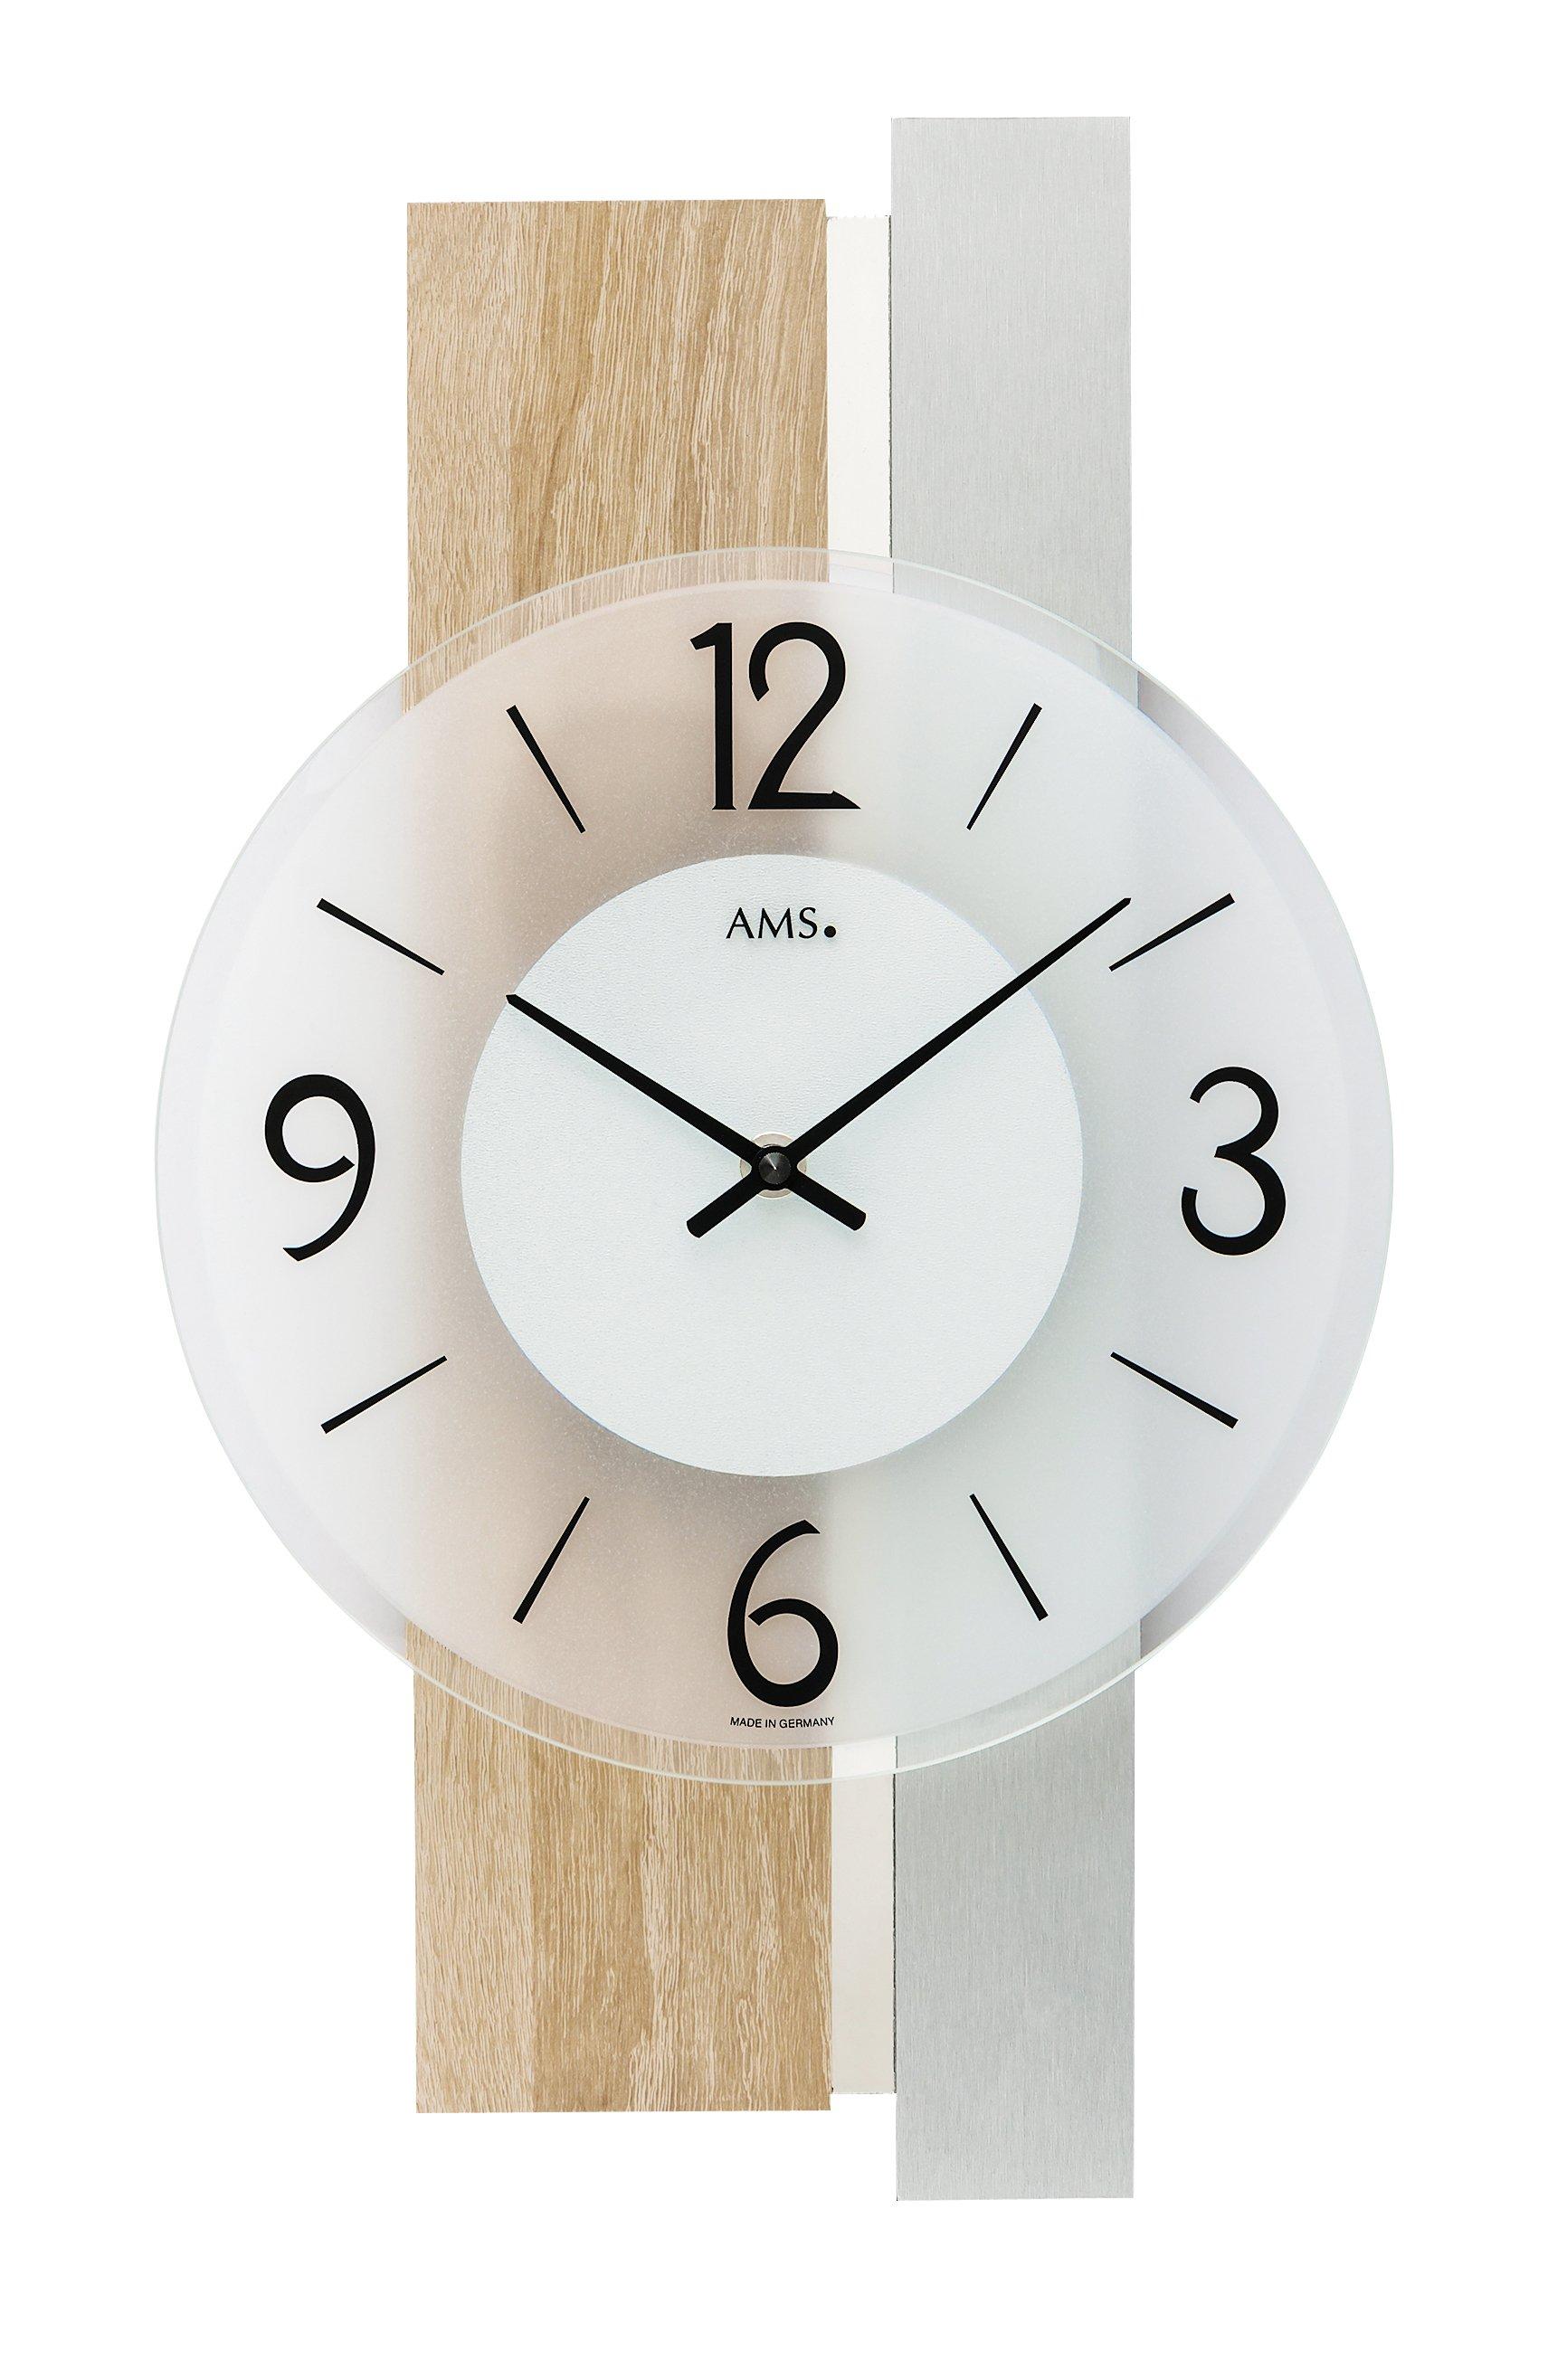 AMS Quartz wall clock